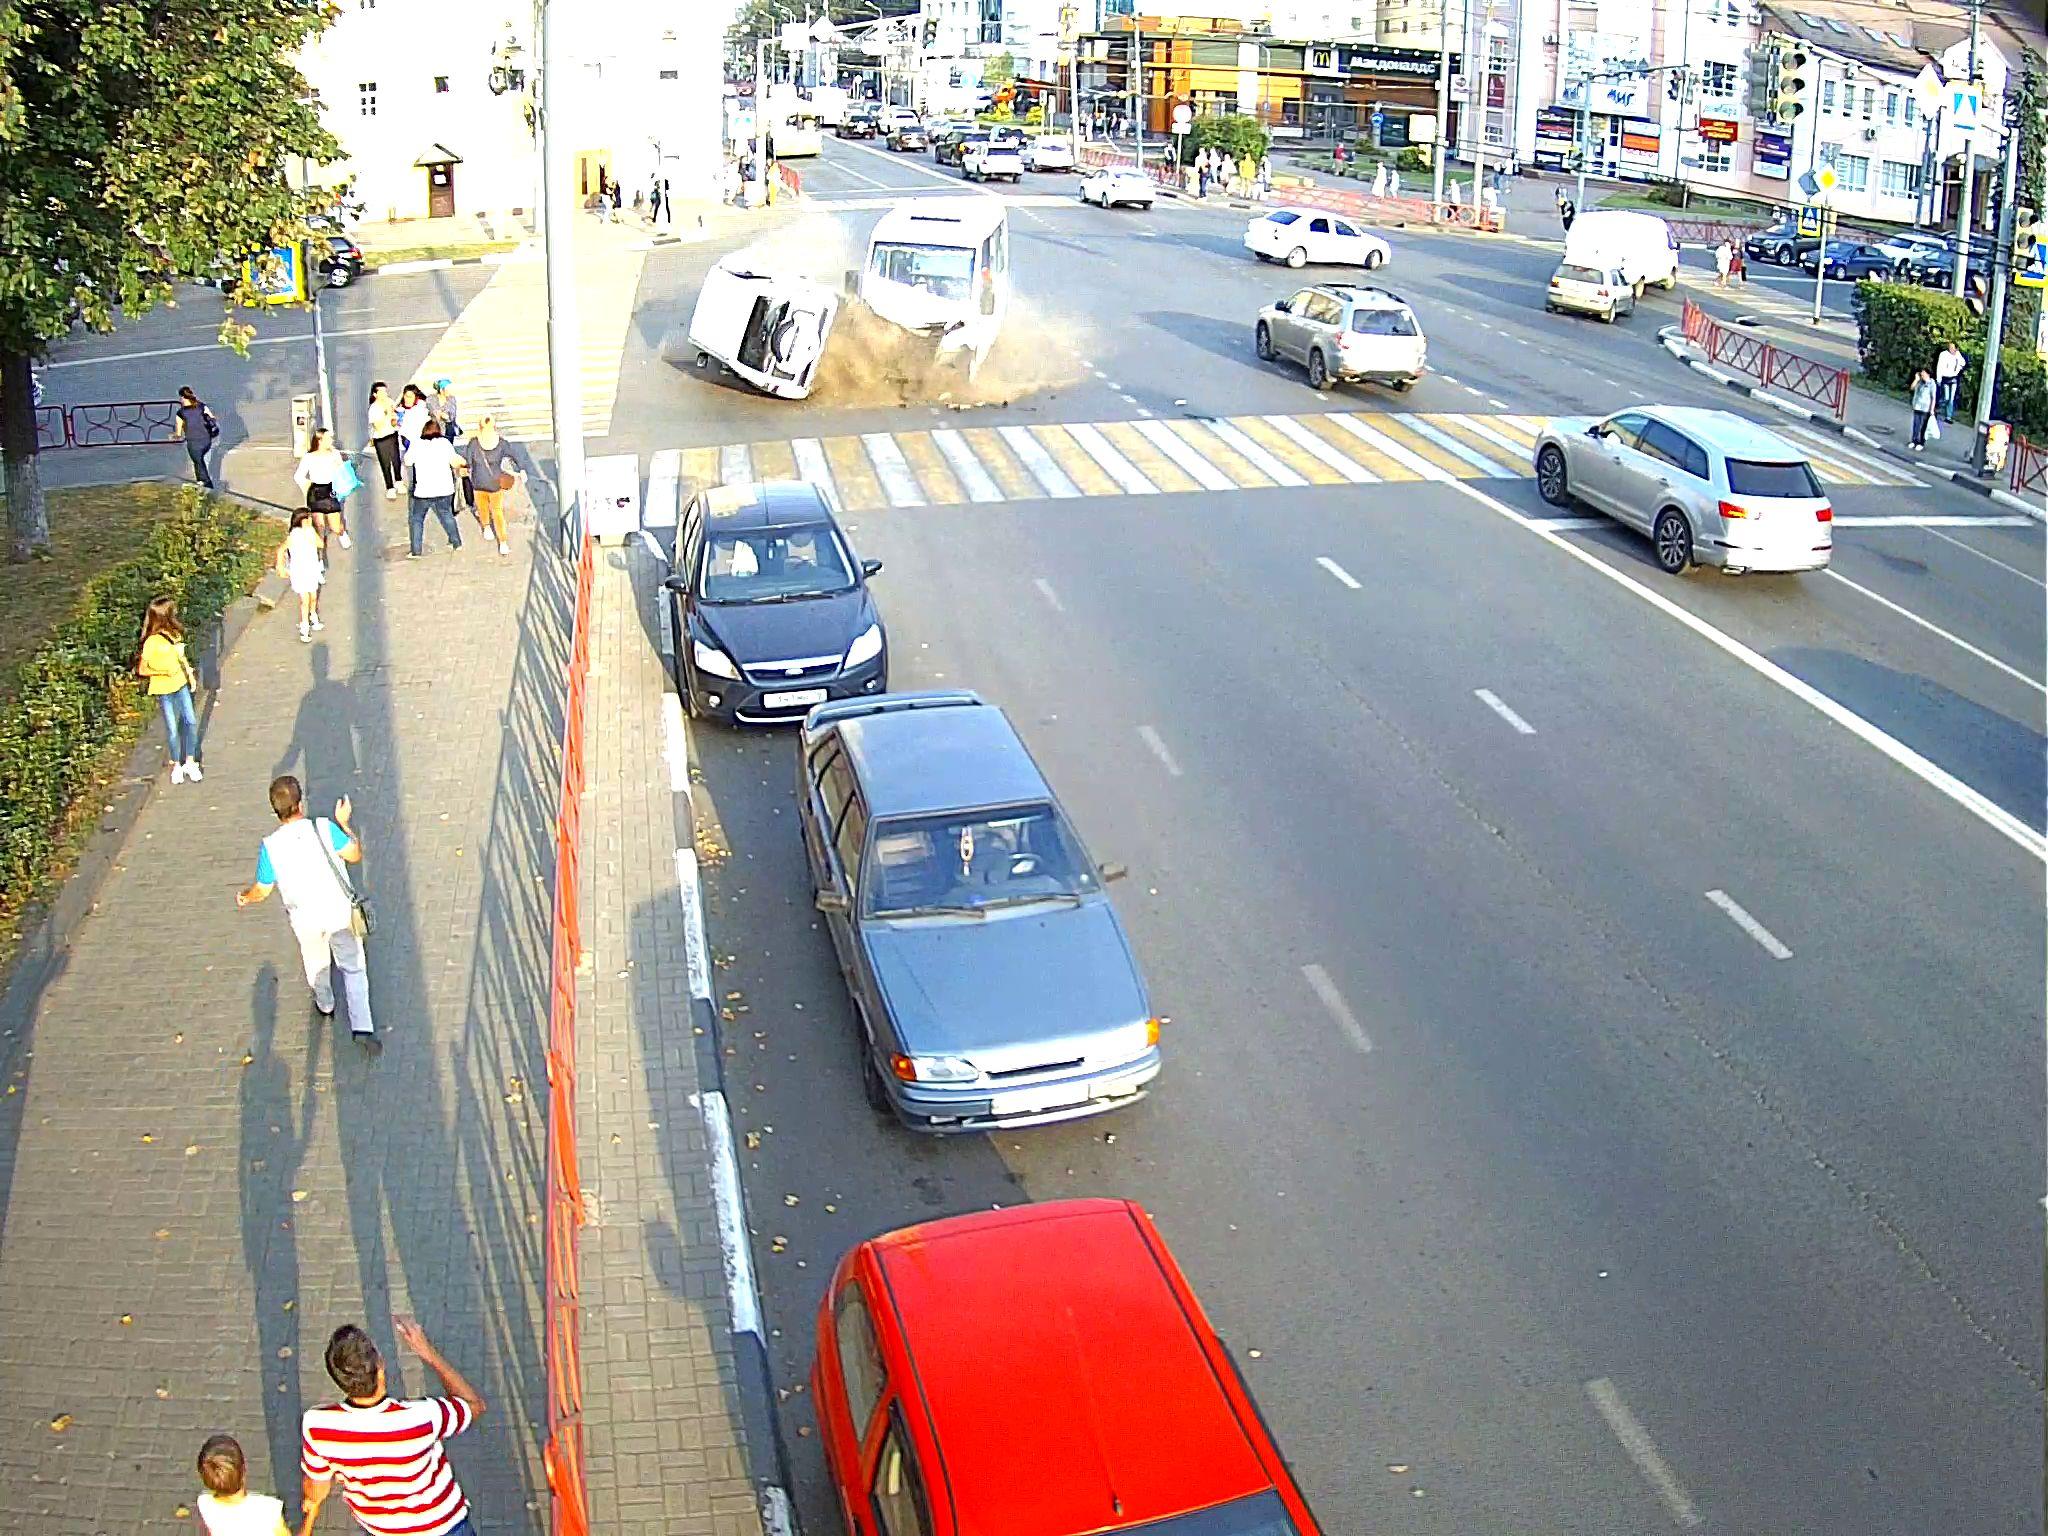 ЭКСКЛЮЗИВ: «Первый Ярославский» публикует видео с камеры наблюдения столкновения маршрутки и внедорожника